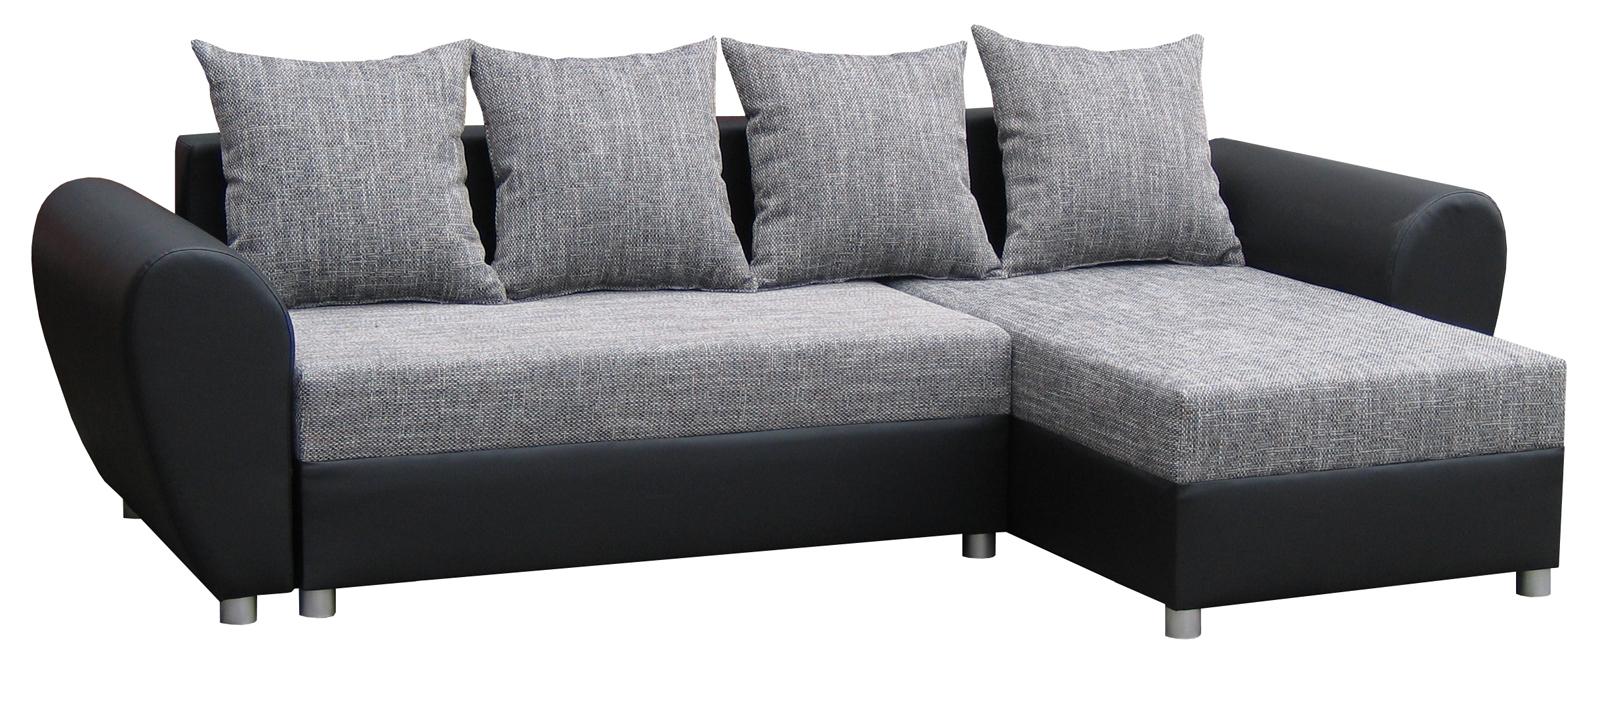 Rohová sedací souprava - Po-Sed - Porto (šedá + černá) (P)